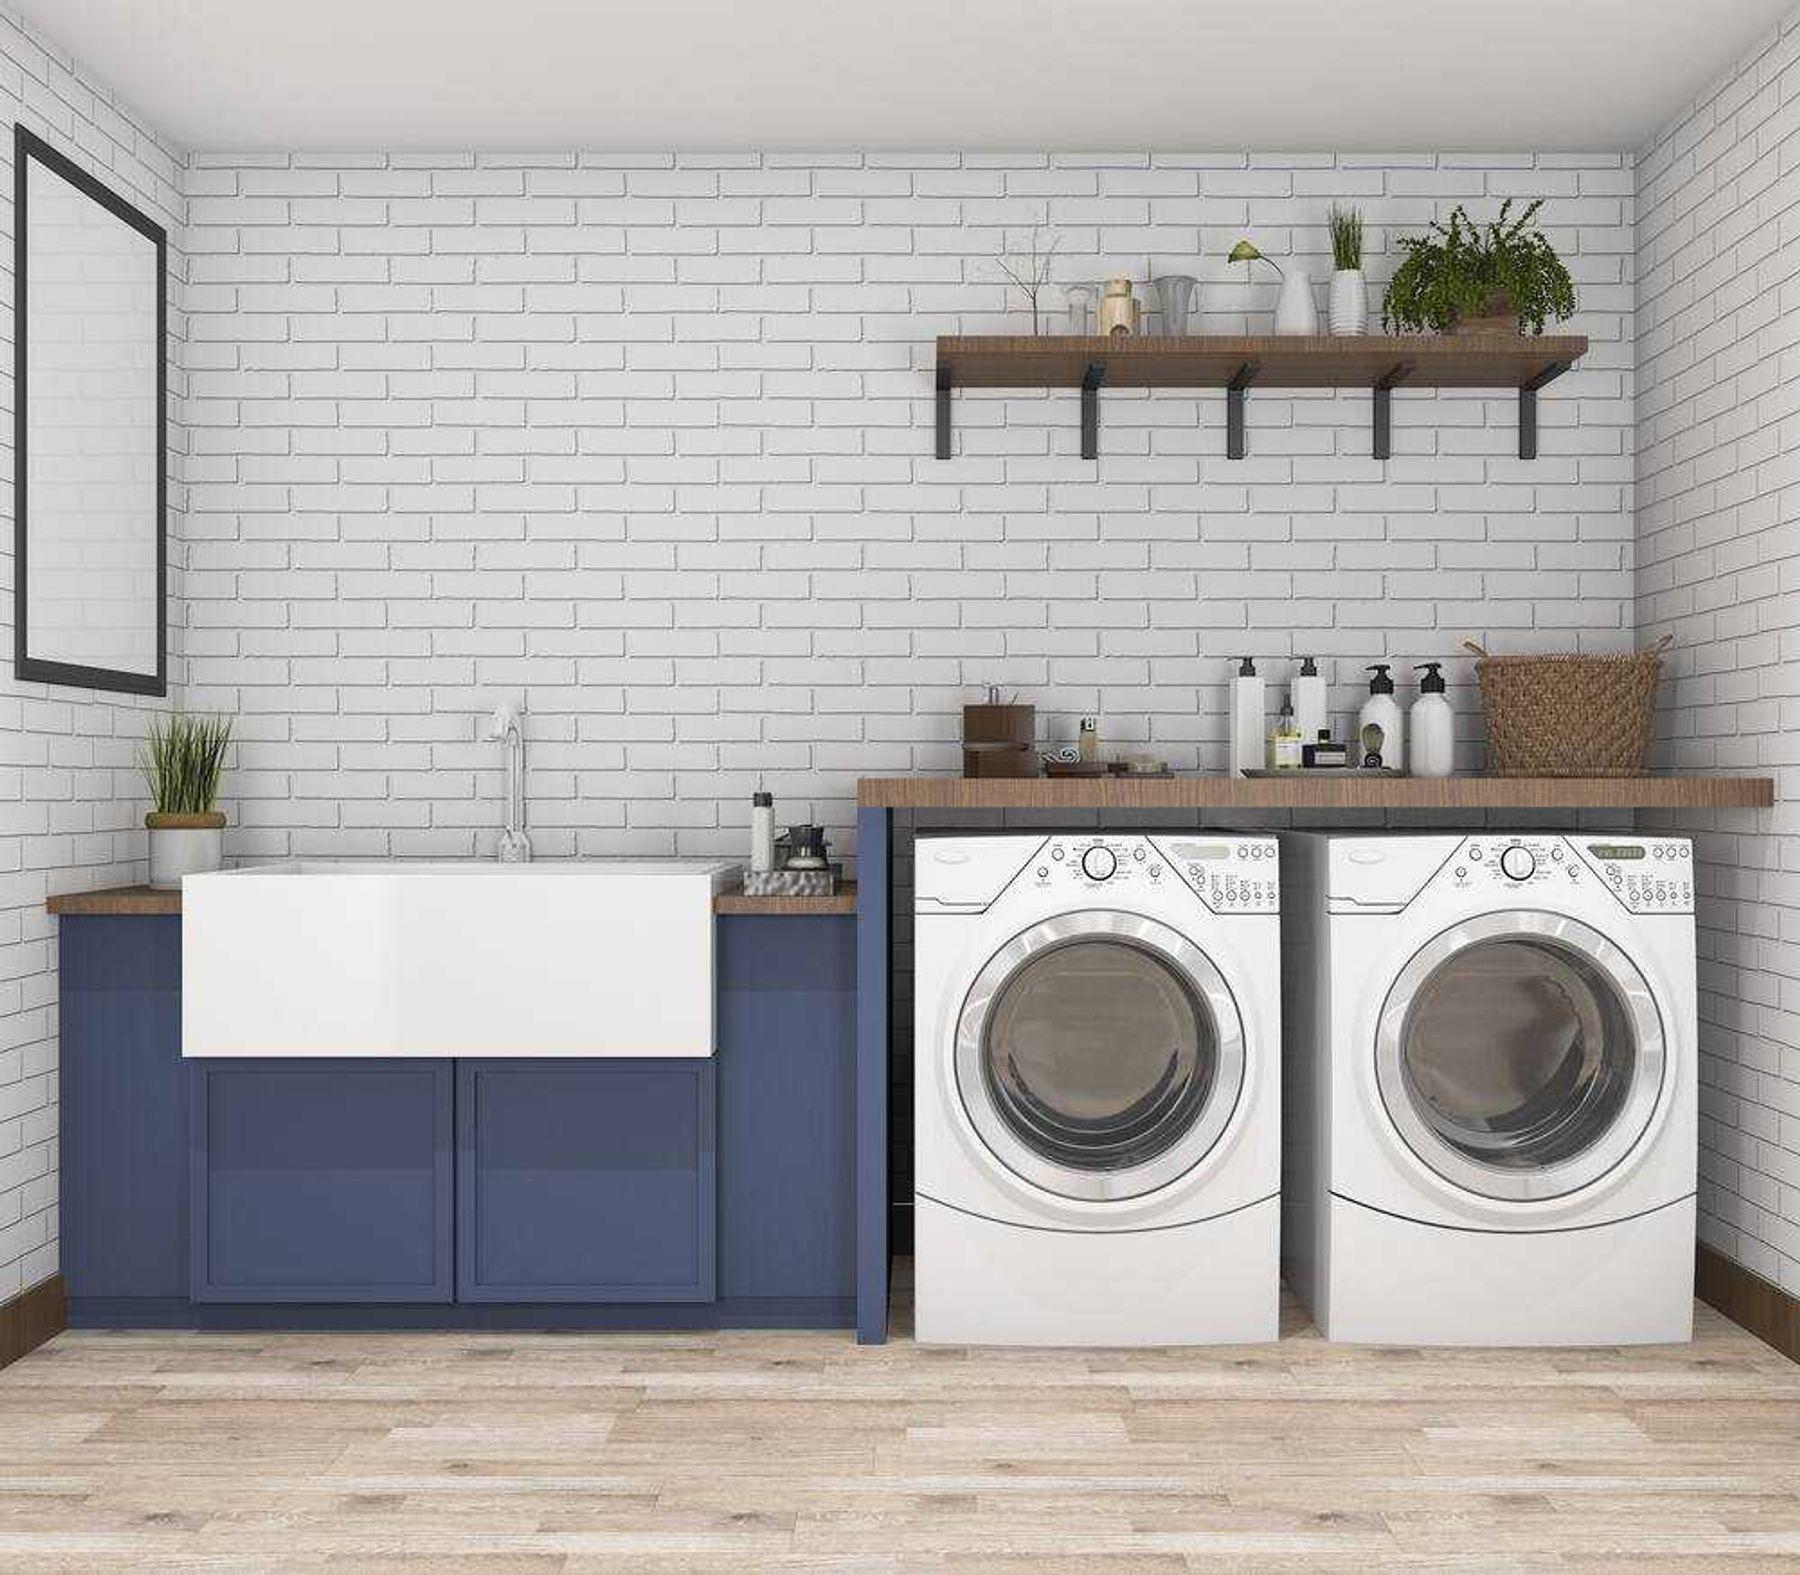 Bạn nên xây dựng không gian giặt giũ riêng kế bên nhà vệ sinh để bảo quản thiết bị máy giặt tốt hơn. Nếu để máy giặt trong nhà vệ sinh dễ khiến các bo mạch bị dính nước và gây ra hư hỏng.